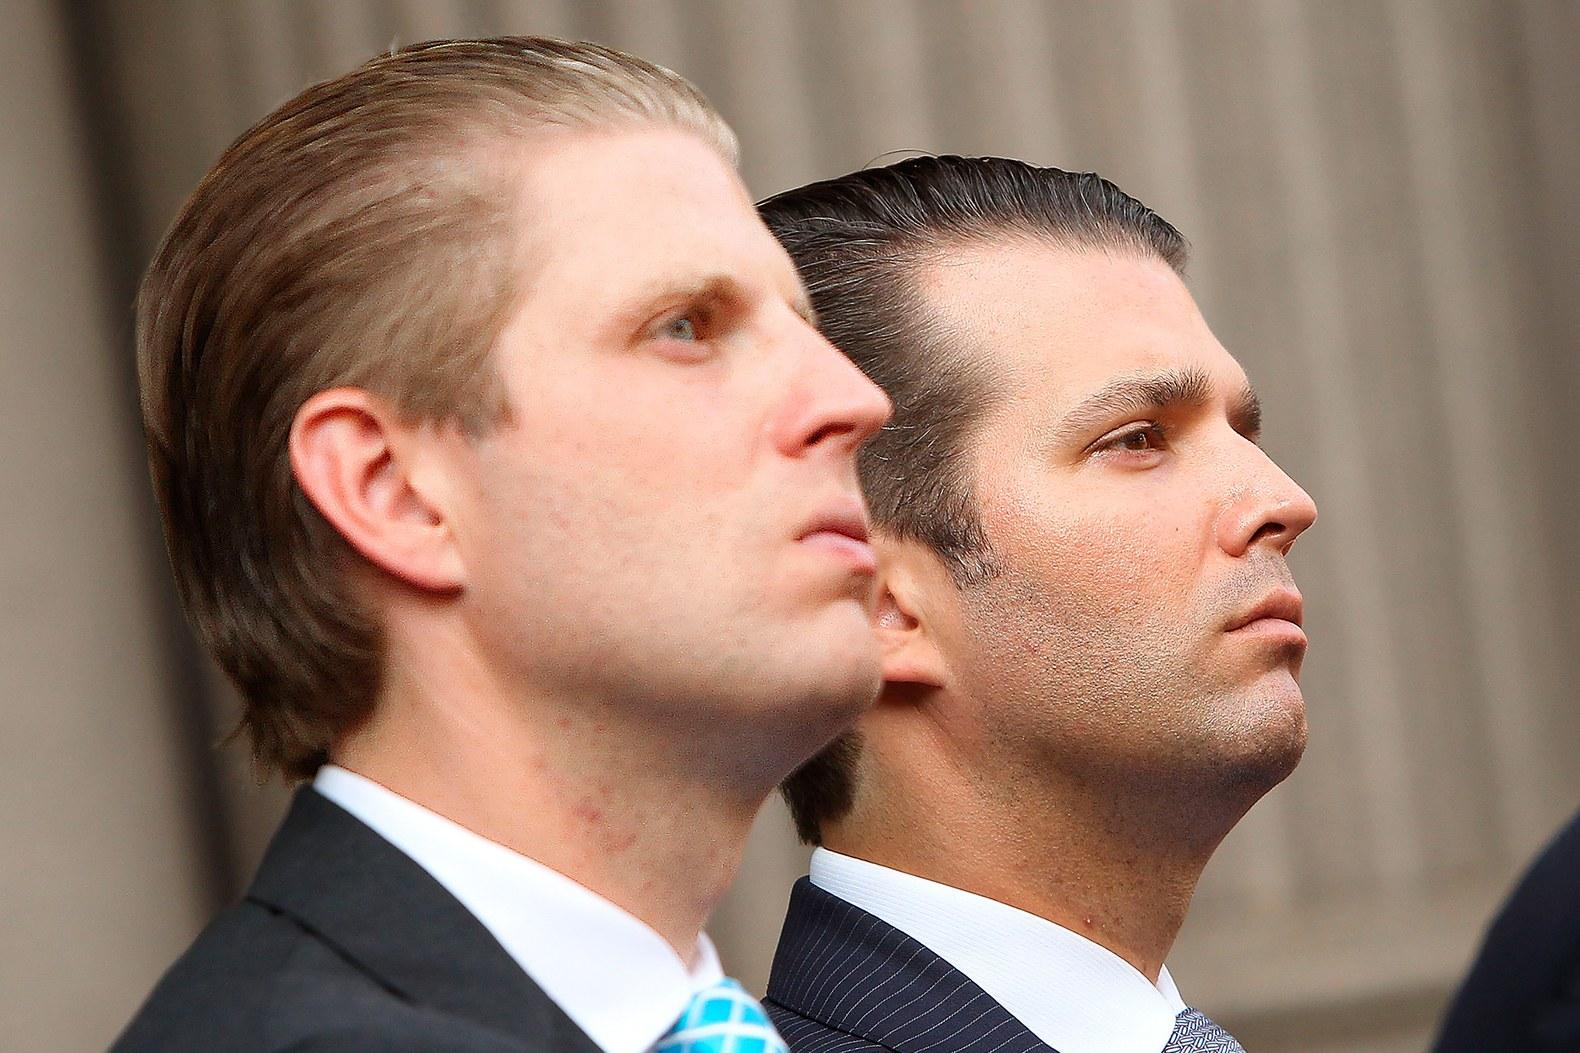 t-trump-family-men-opener.jpg